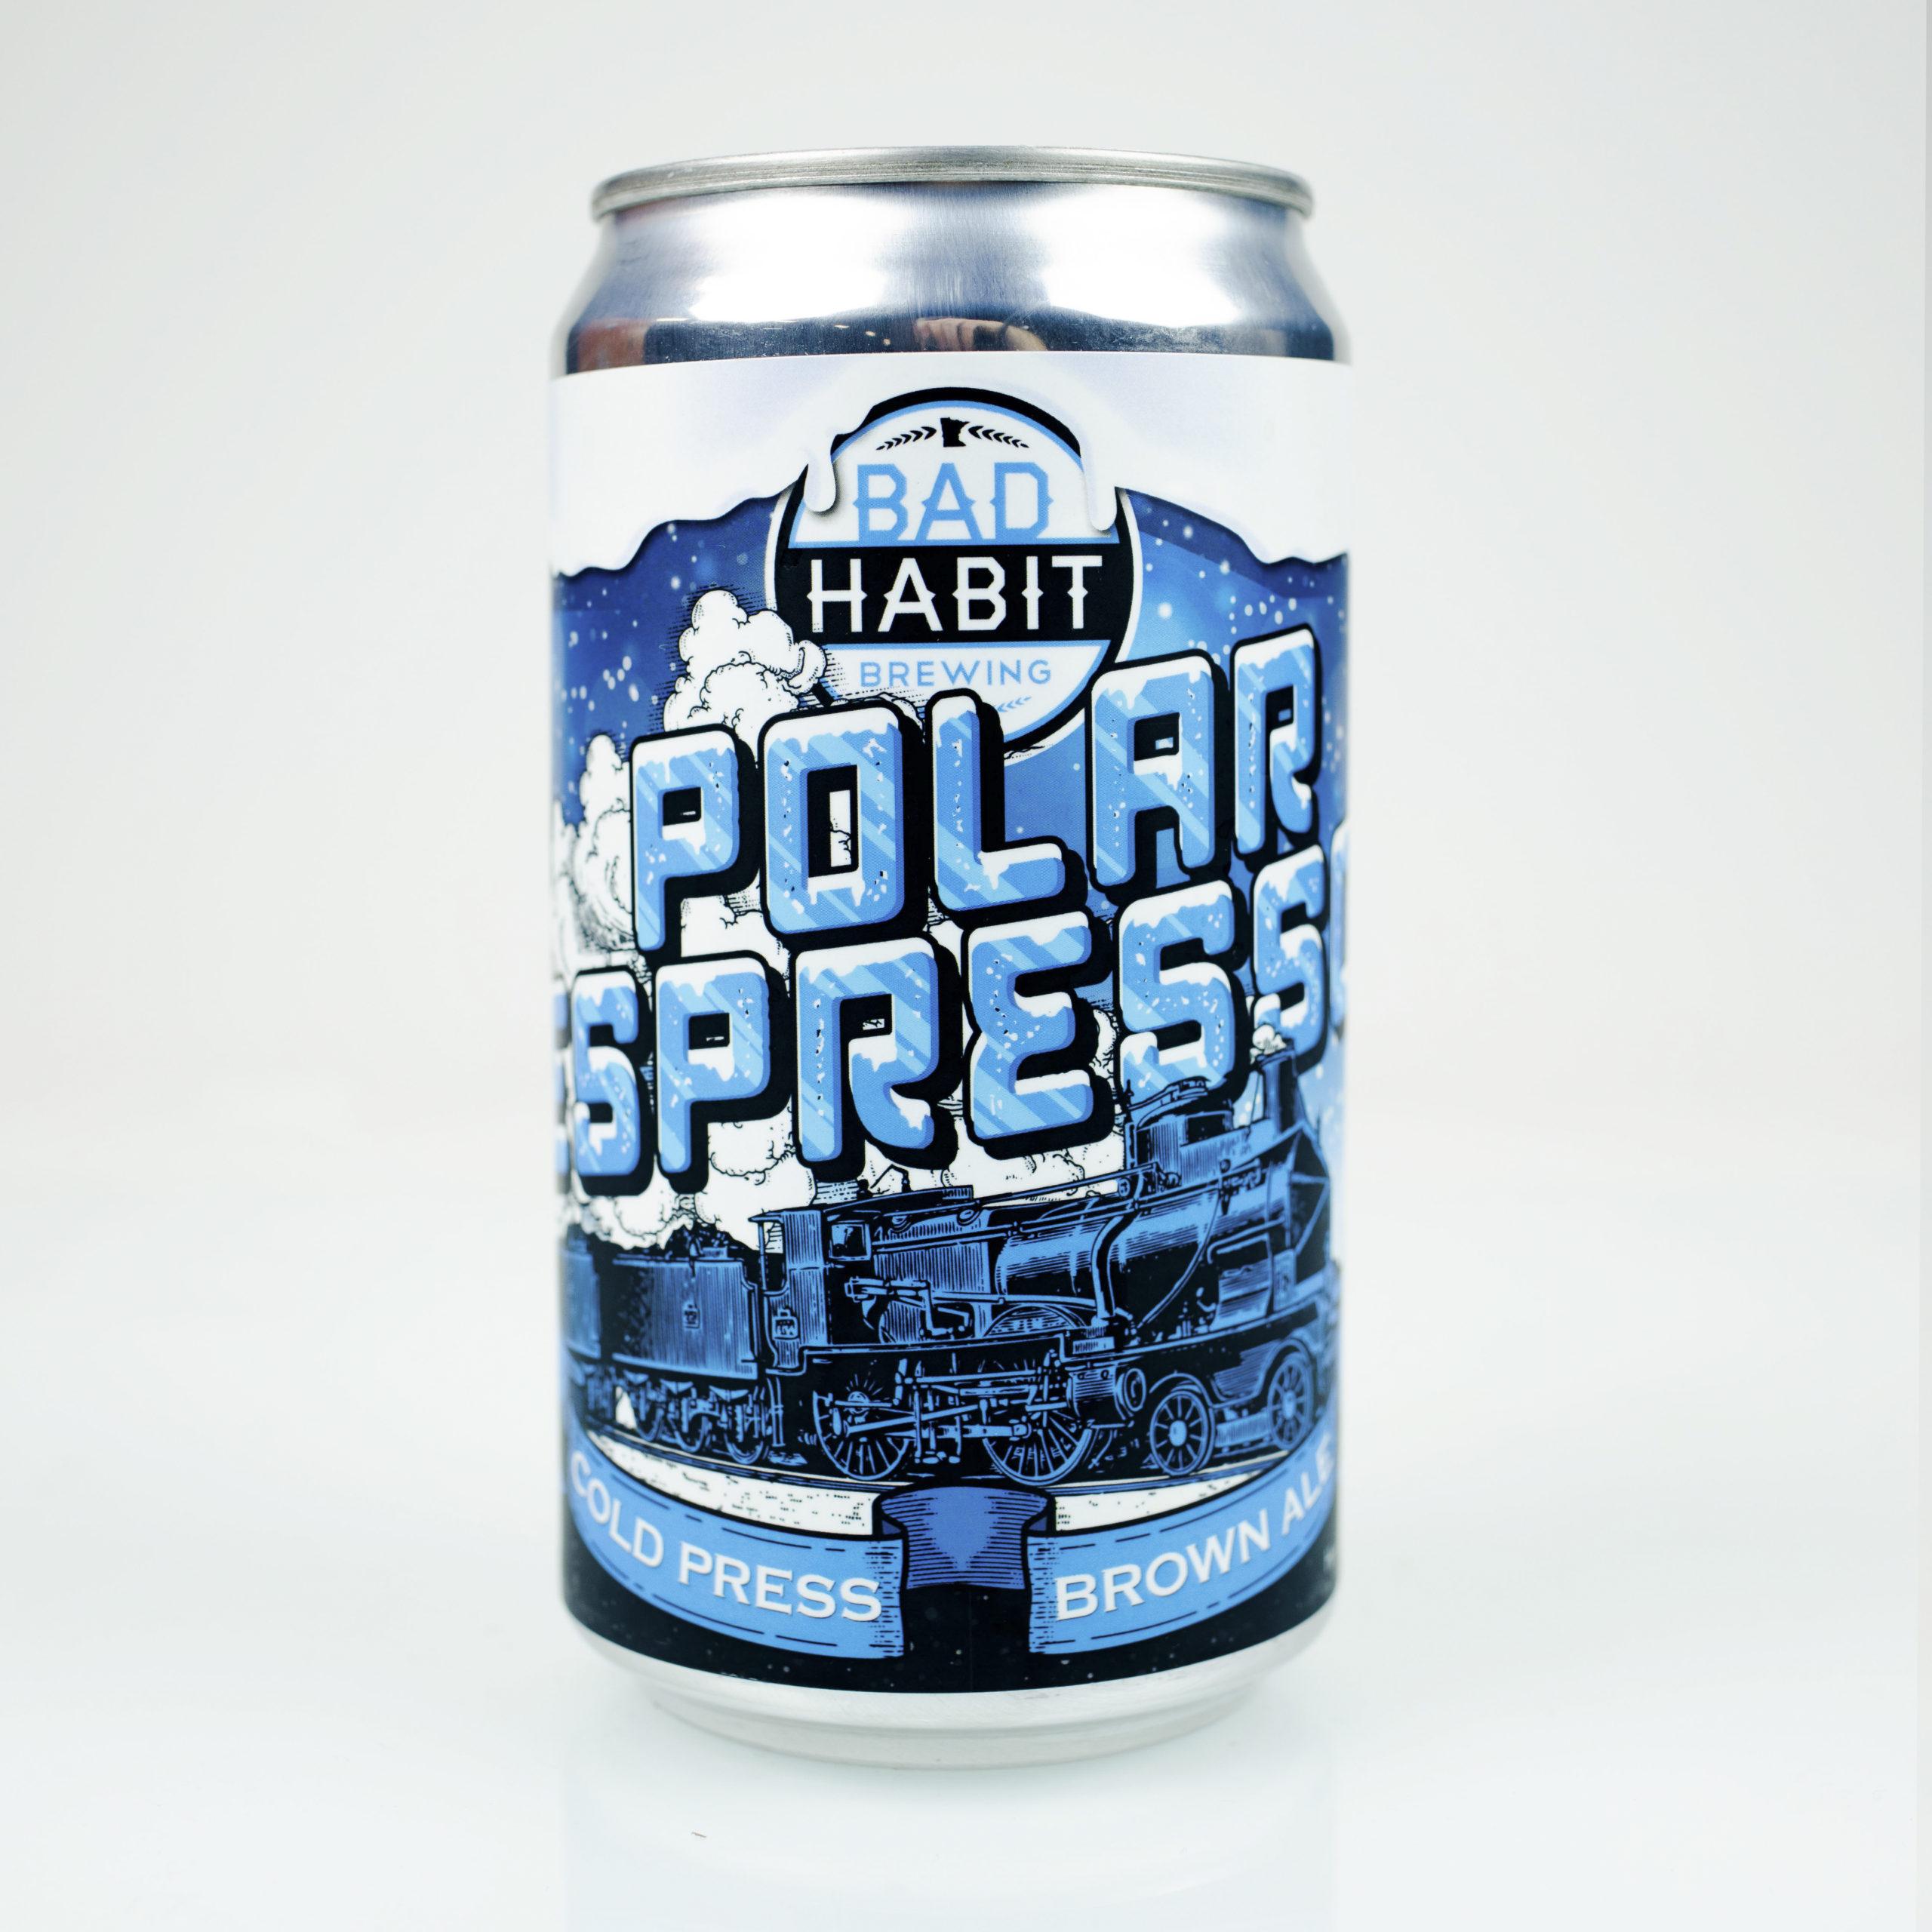 Polar Espresso Cold Press Brown Ale